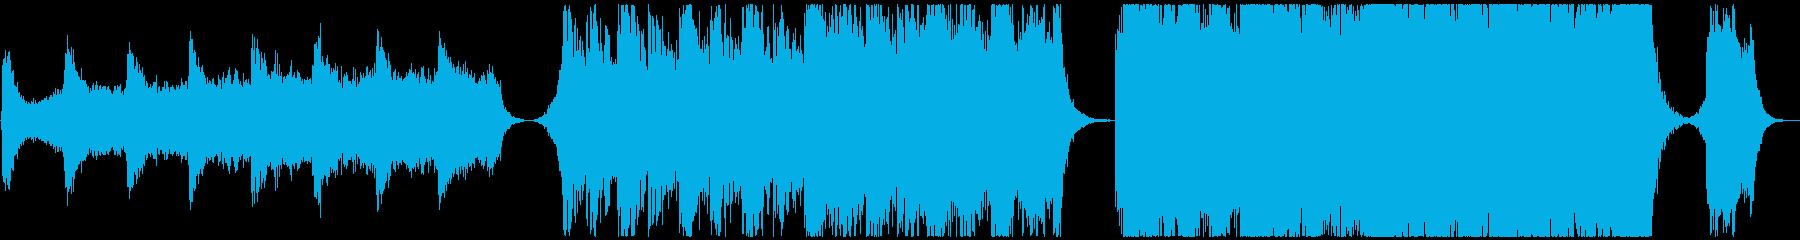 【予告編】ハリウッドトレーラーの再生済みの波形